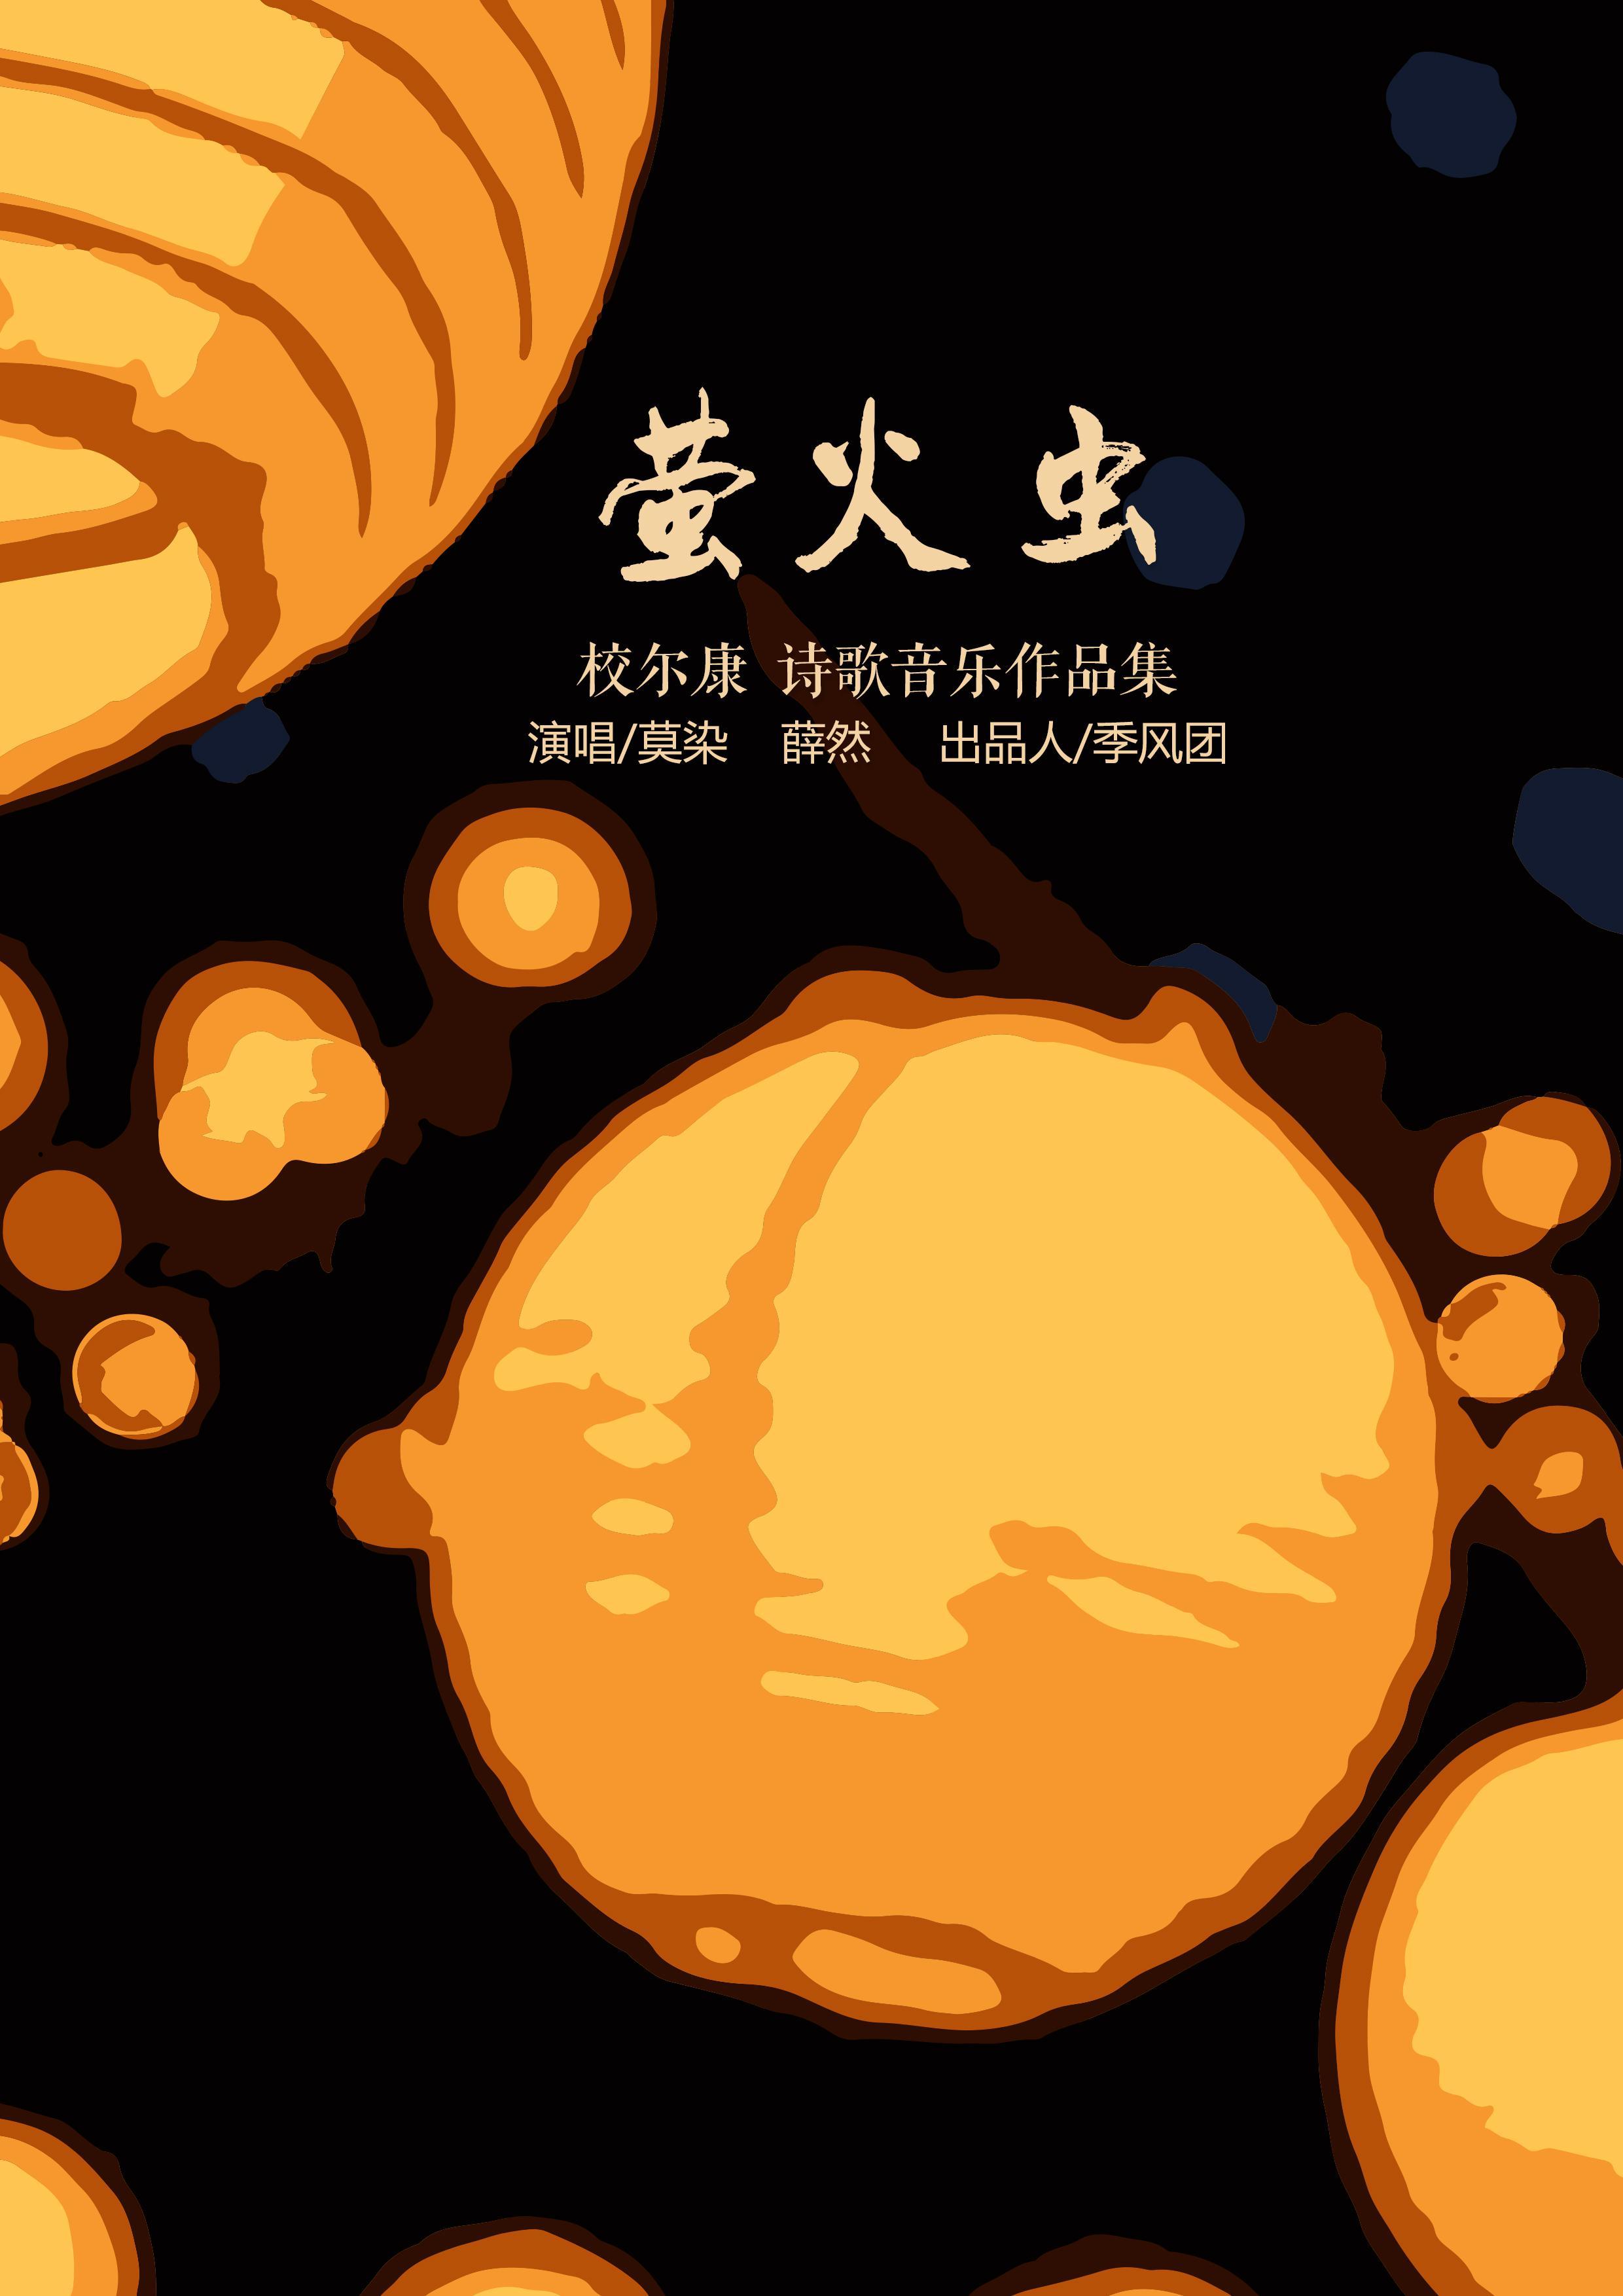 萤火虫——校尔康诗歌作品音乐辑